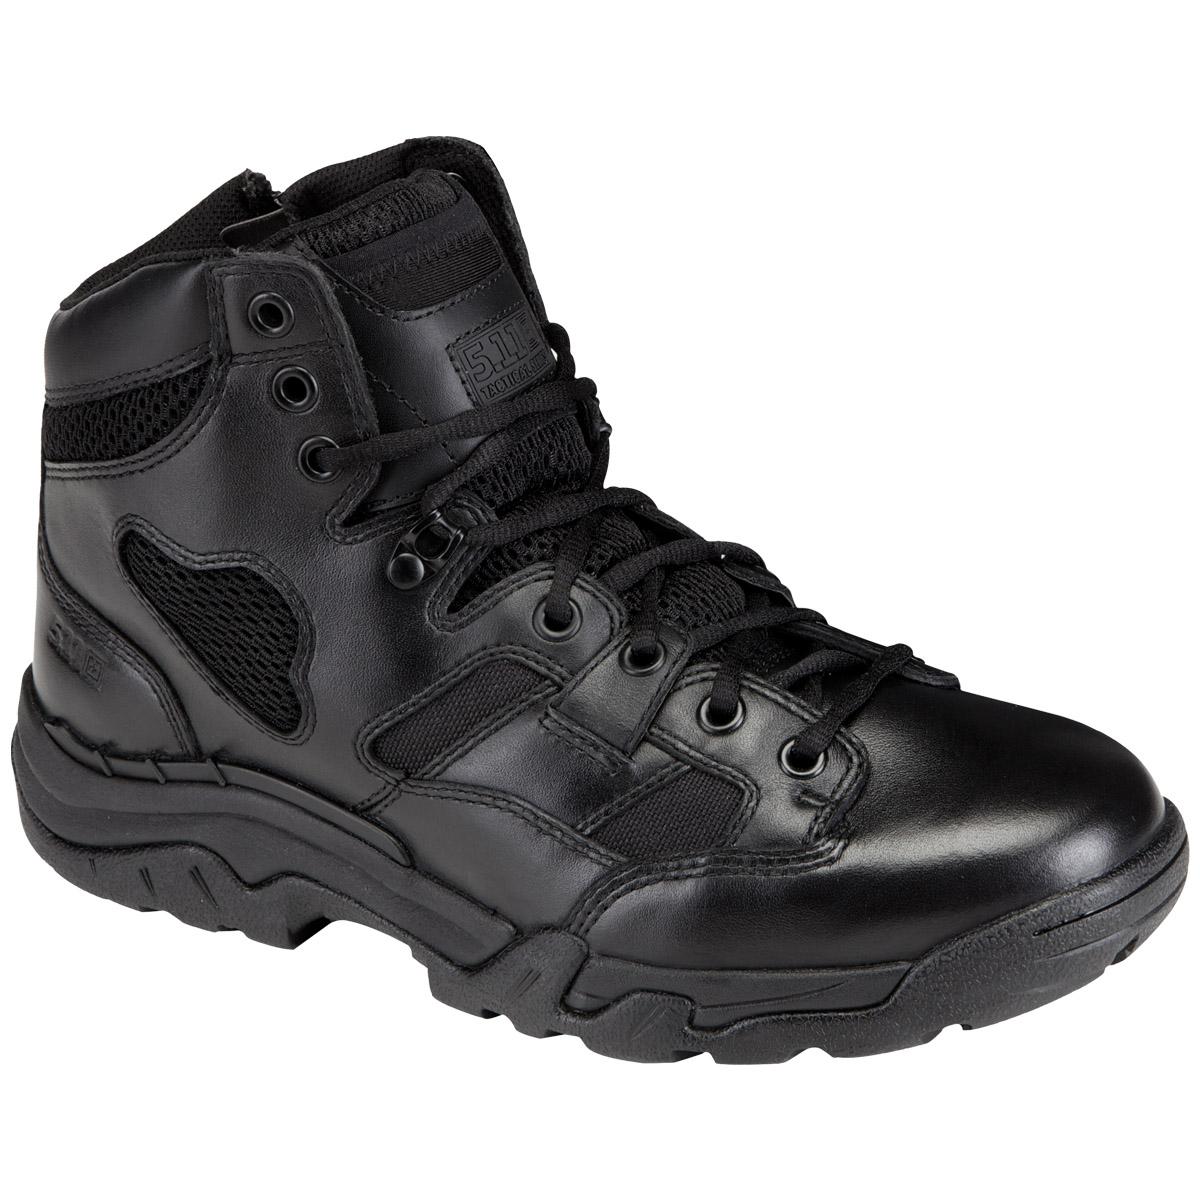 511 patrol taclite 6quot side zipper mens tactical boots